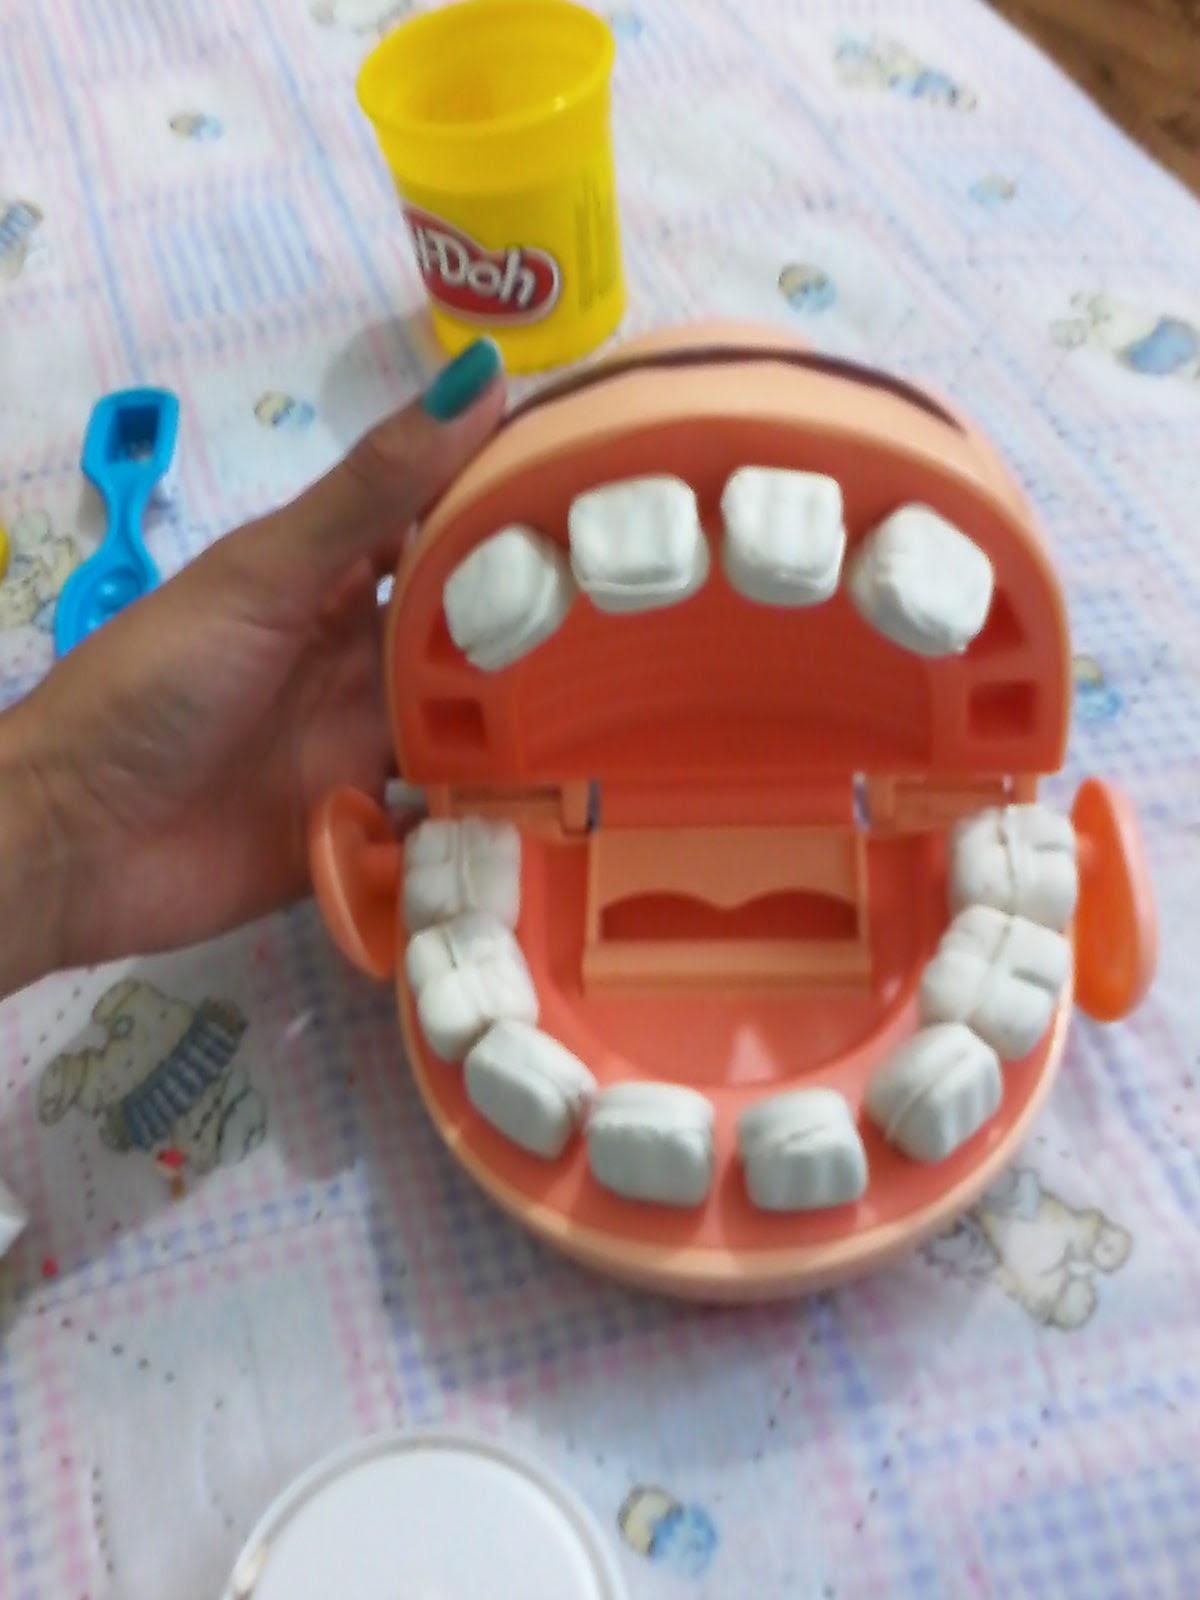 como hacer dientes entrap plastilina